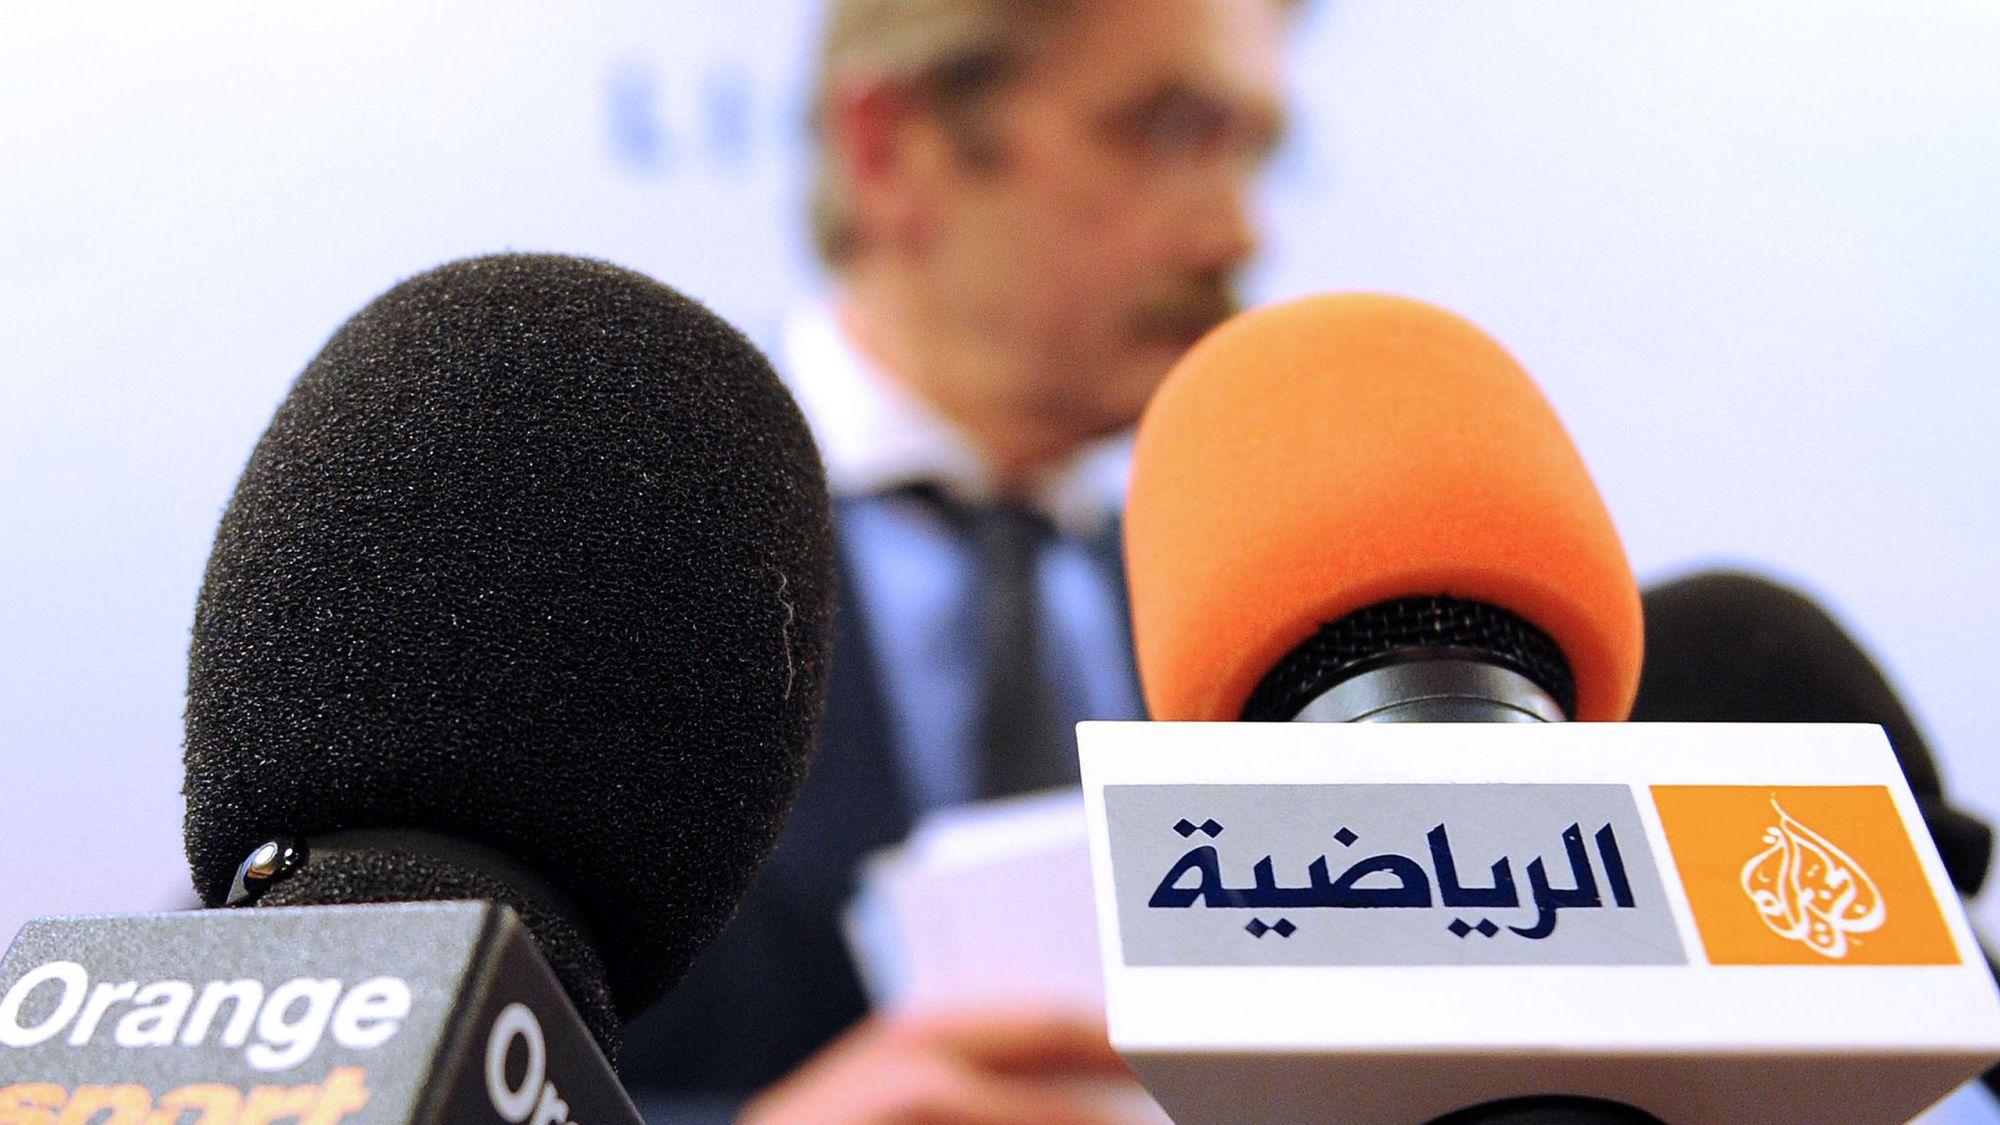 إغلاق فضائيات القناة القطرية الجزيرة بما فيها الرياضية    beIN